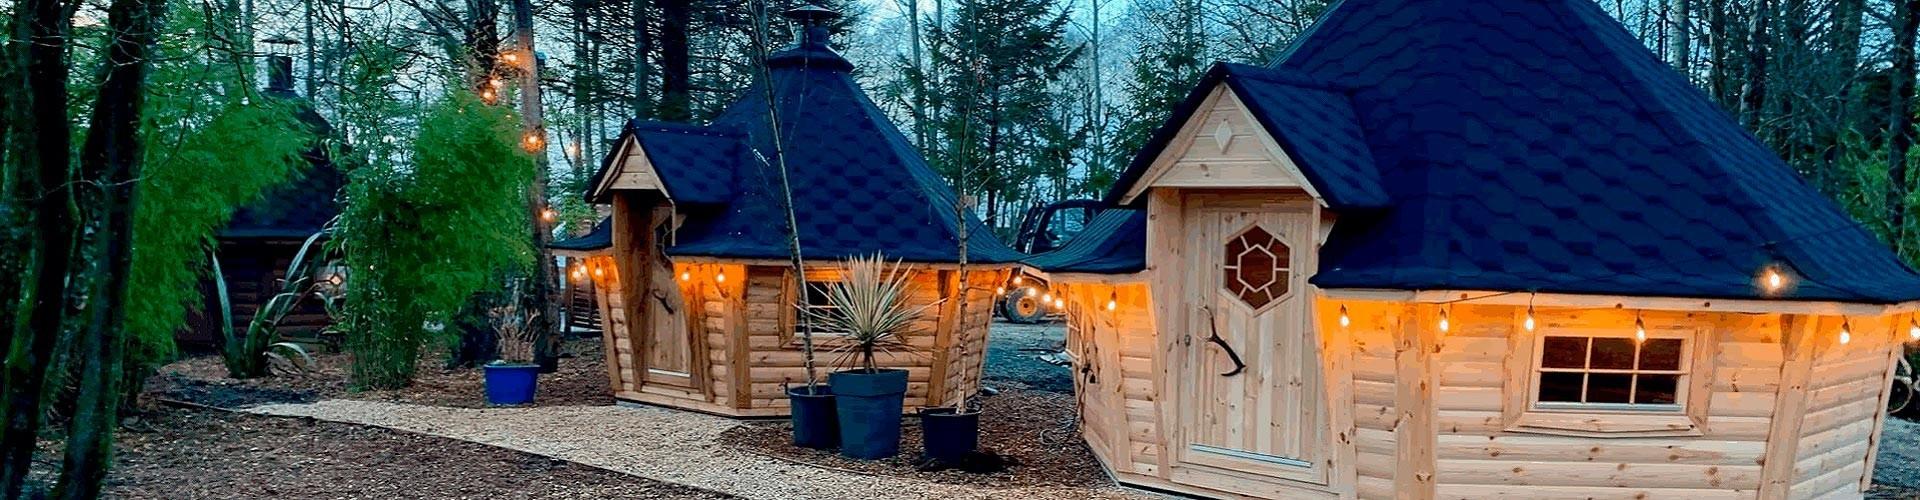 ZenSpa - Sauna Cabin